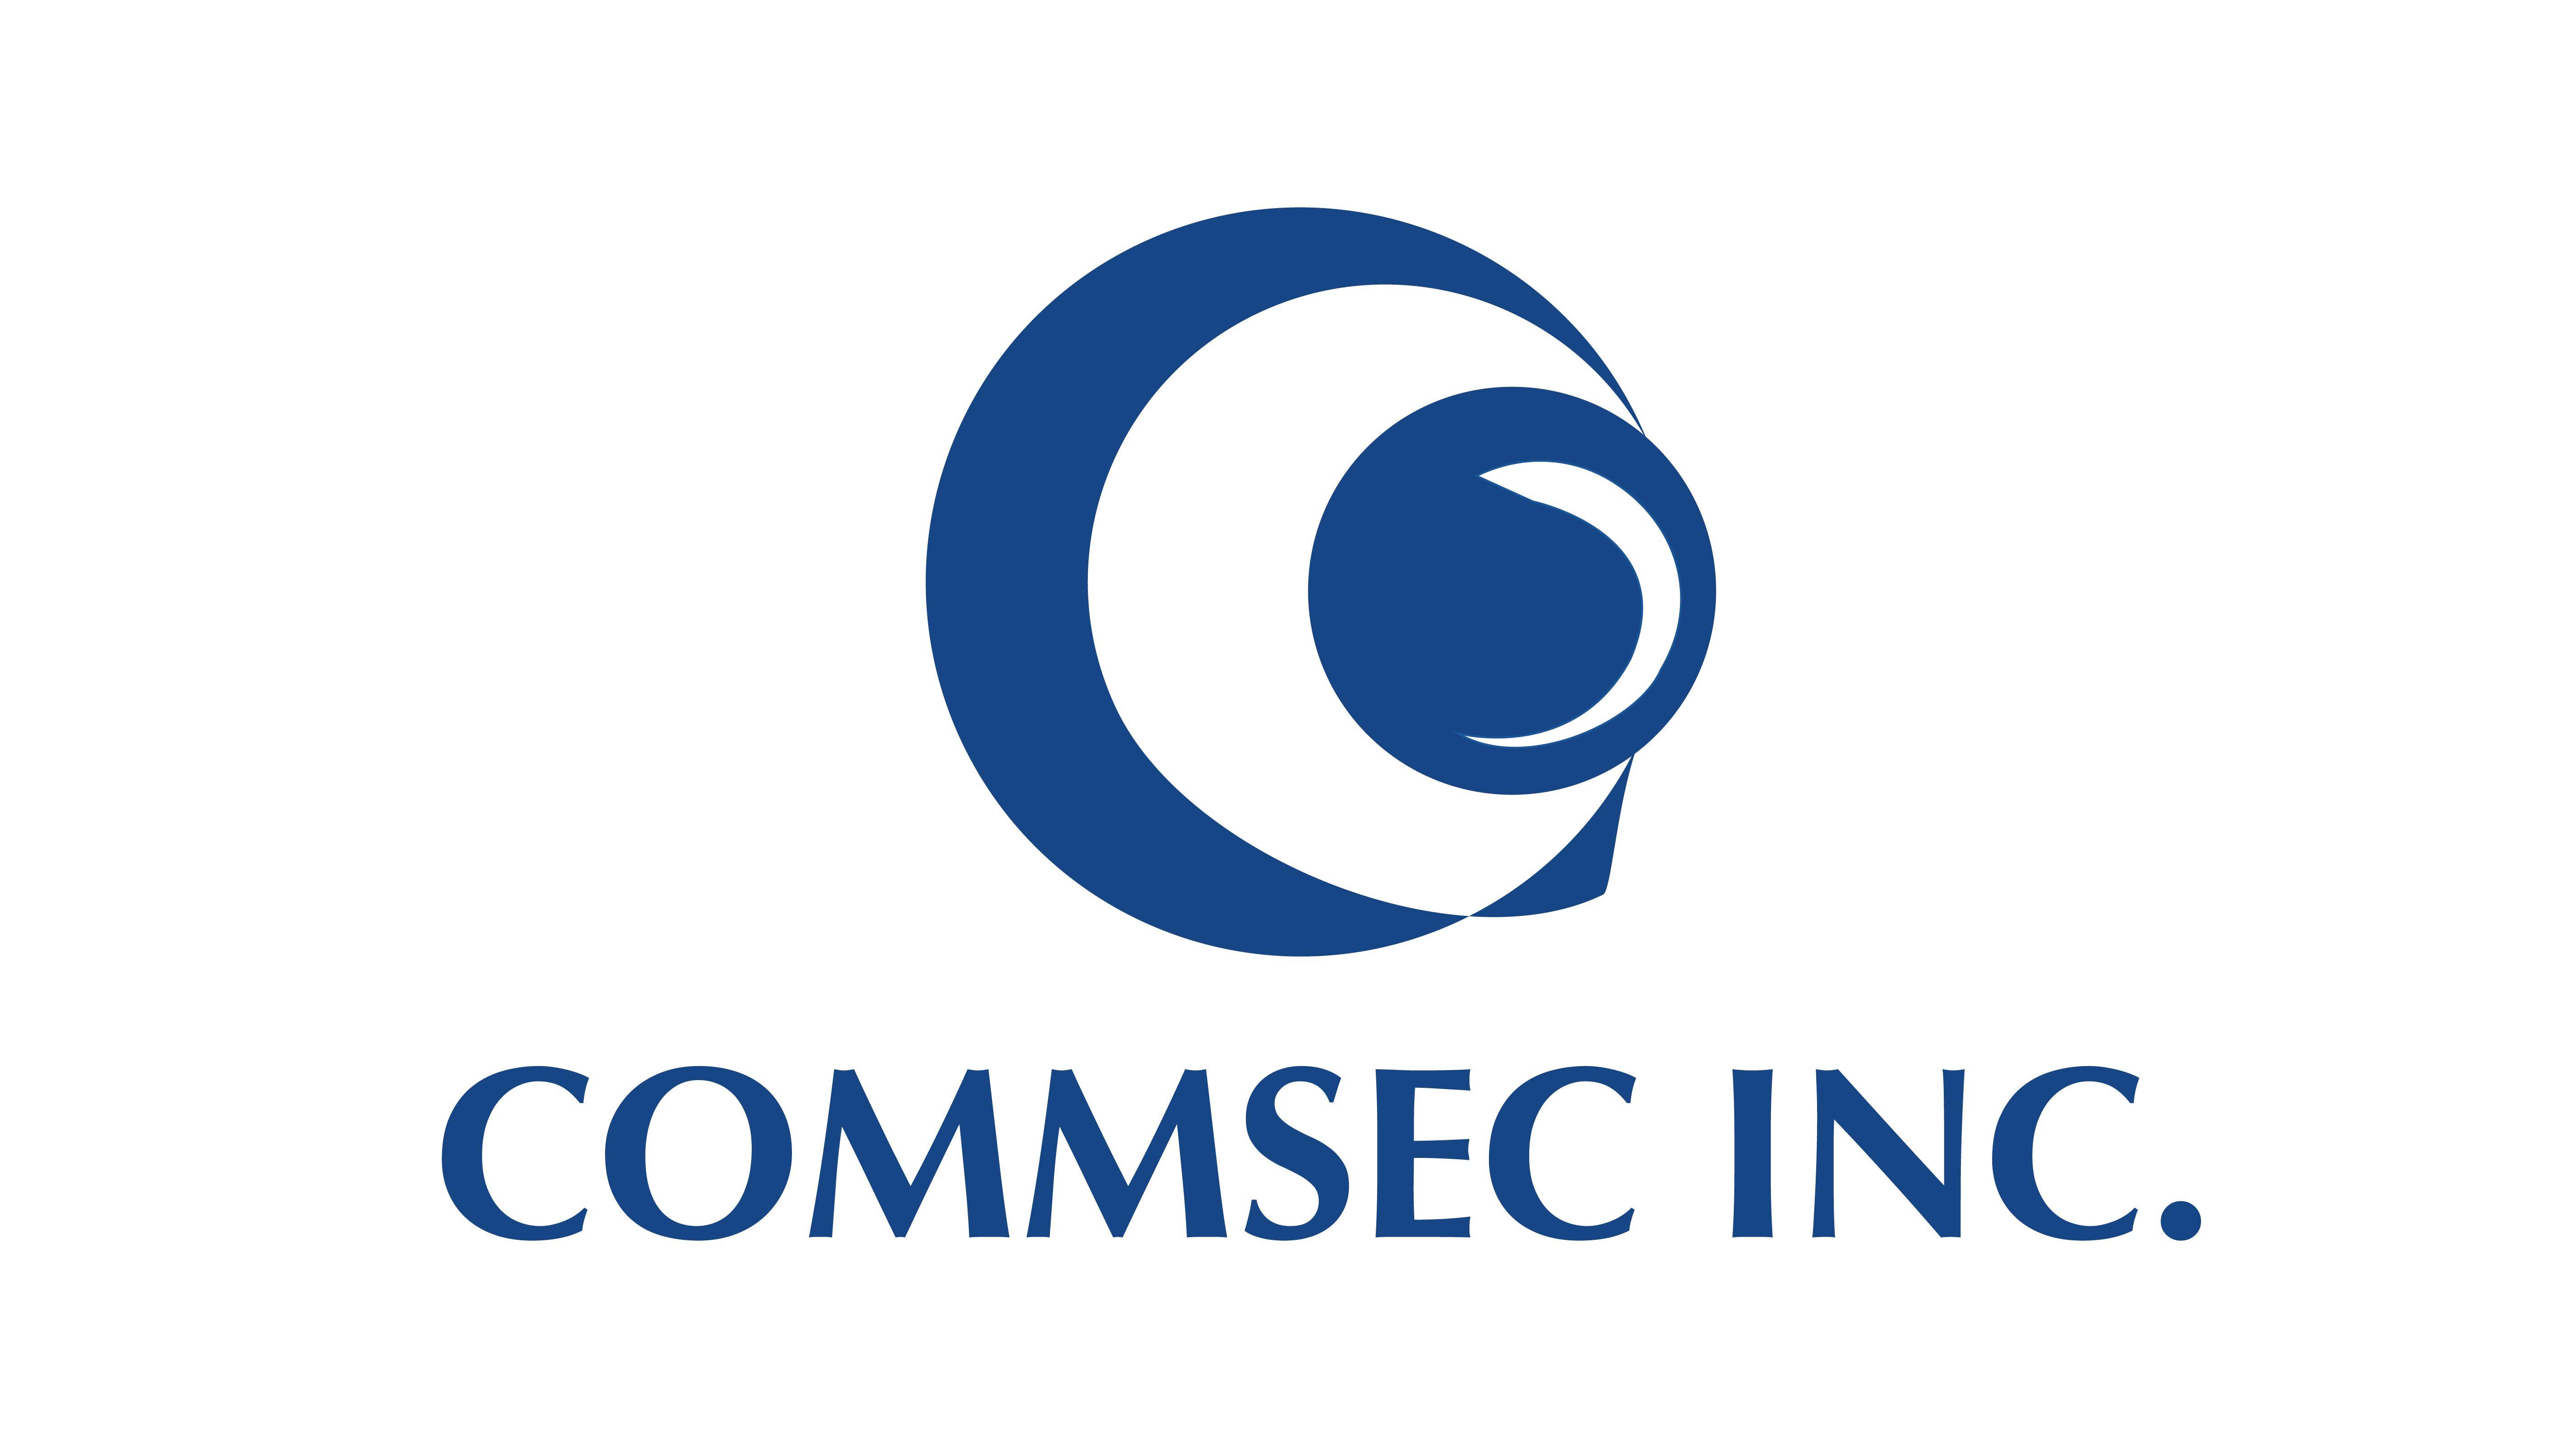 COMMSEC INC.